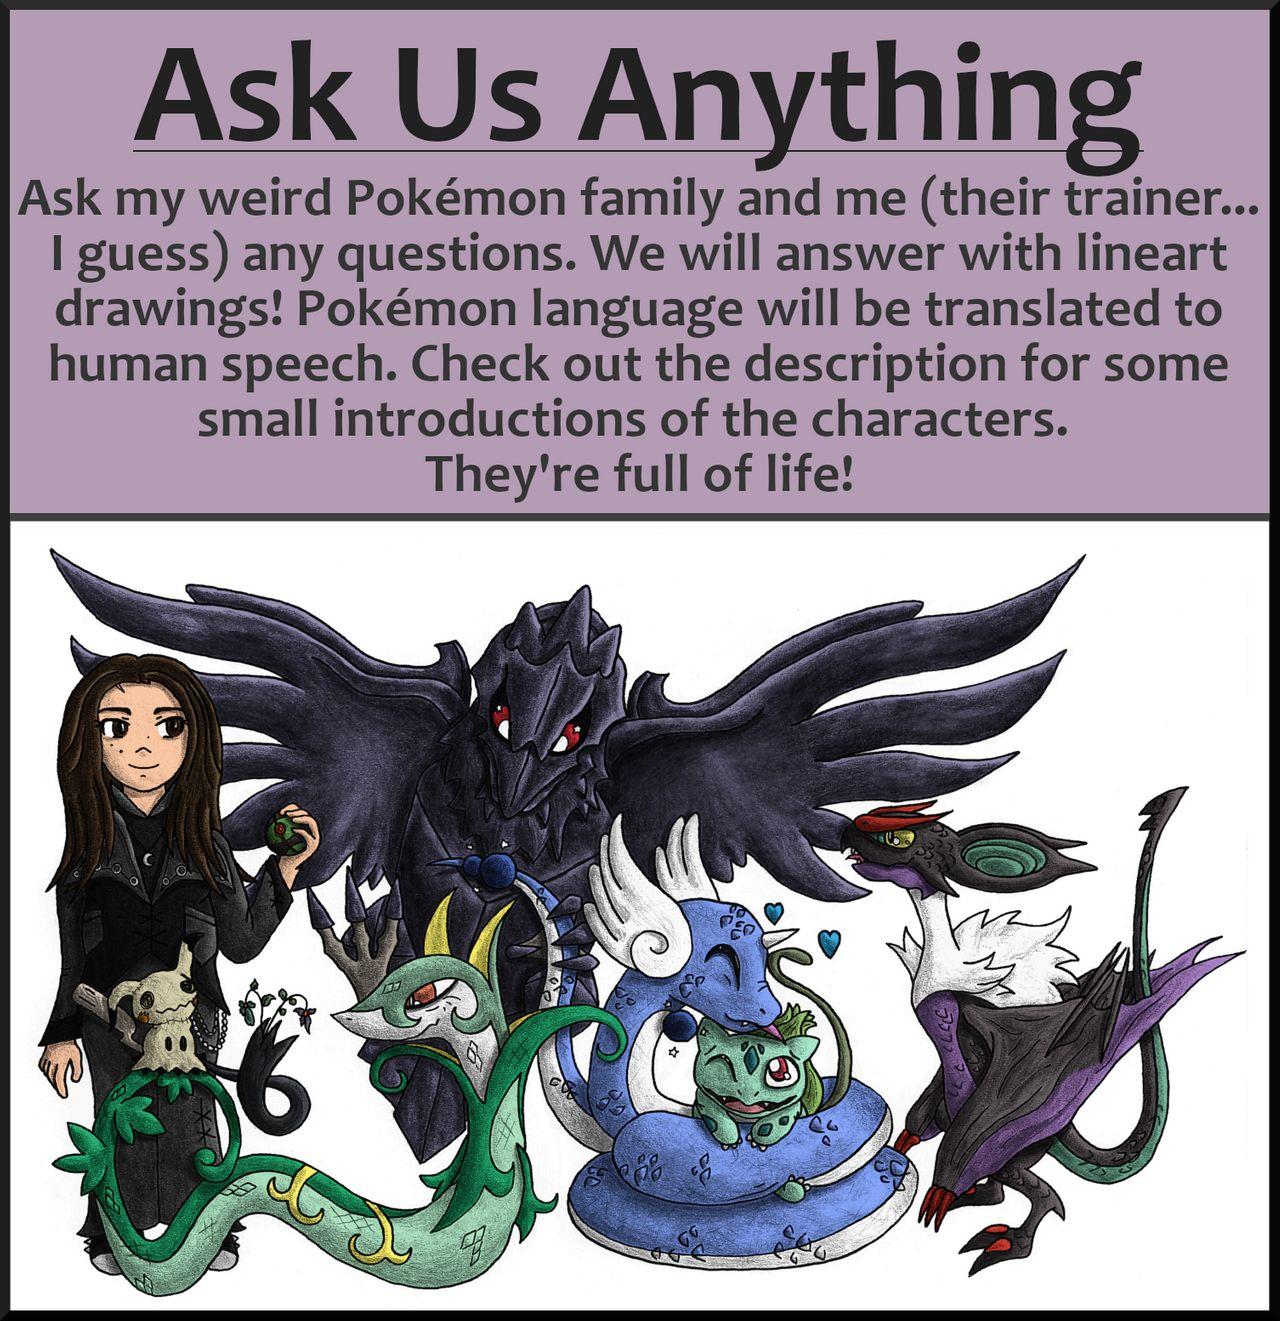 Pokémon-Zeichnung: Fragt meine Charaktere!